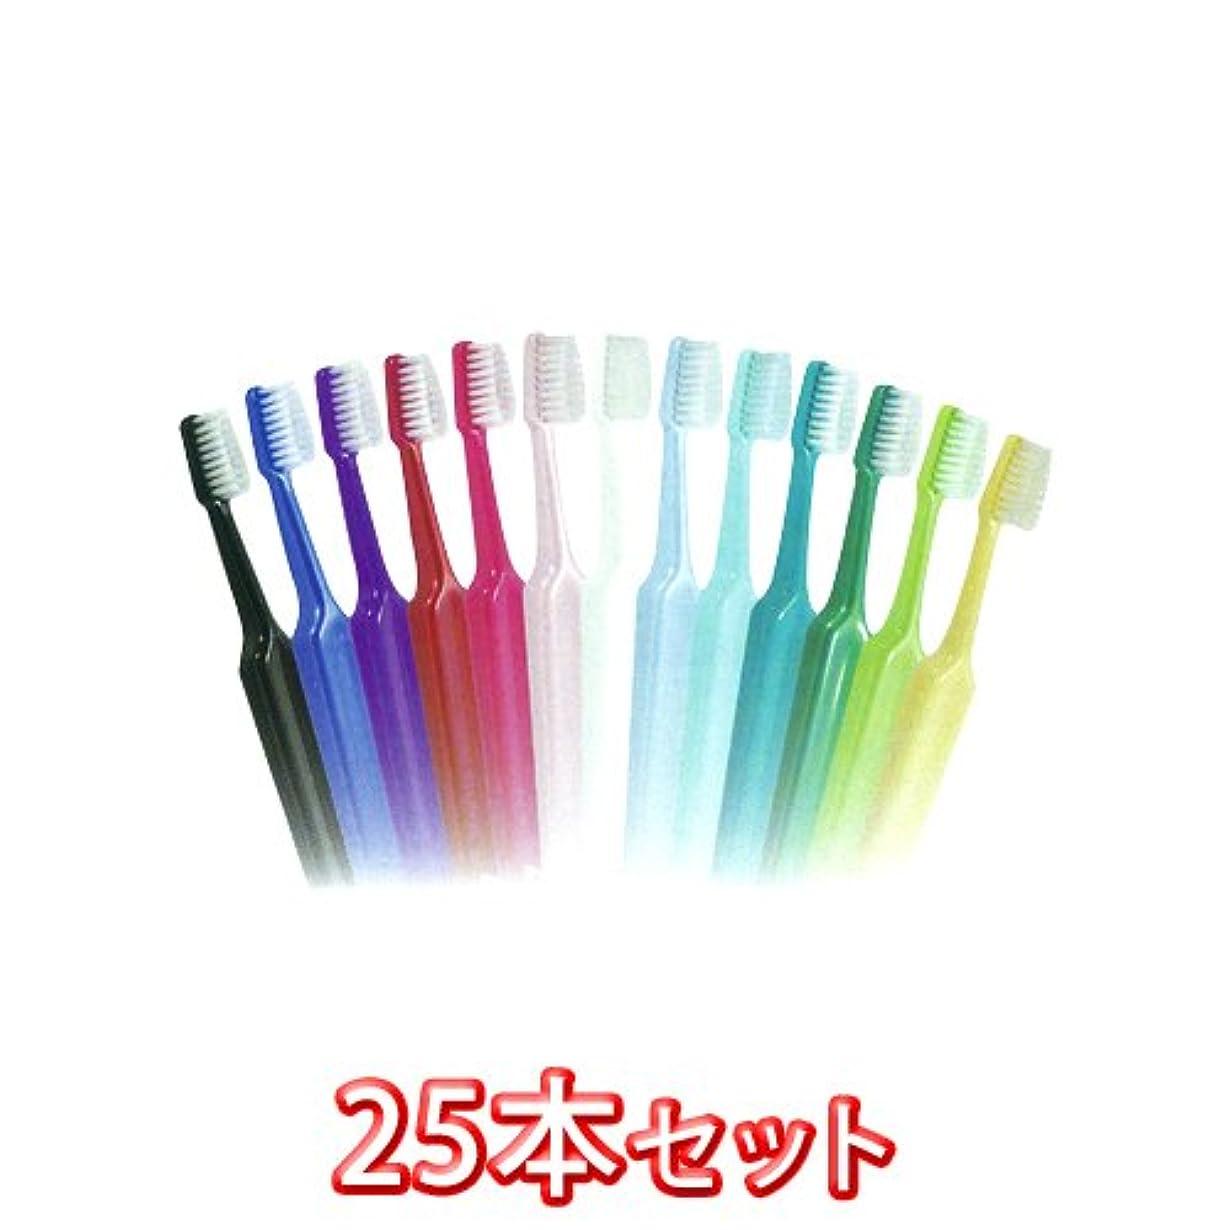 圧倒する倫理欲しいですTePeテペセレクトコンパクト歯ブラシ 25本(コンパクトソフト)